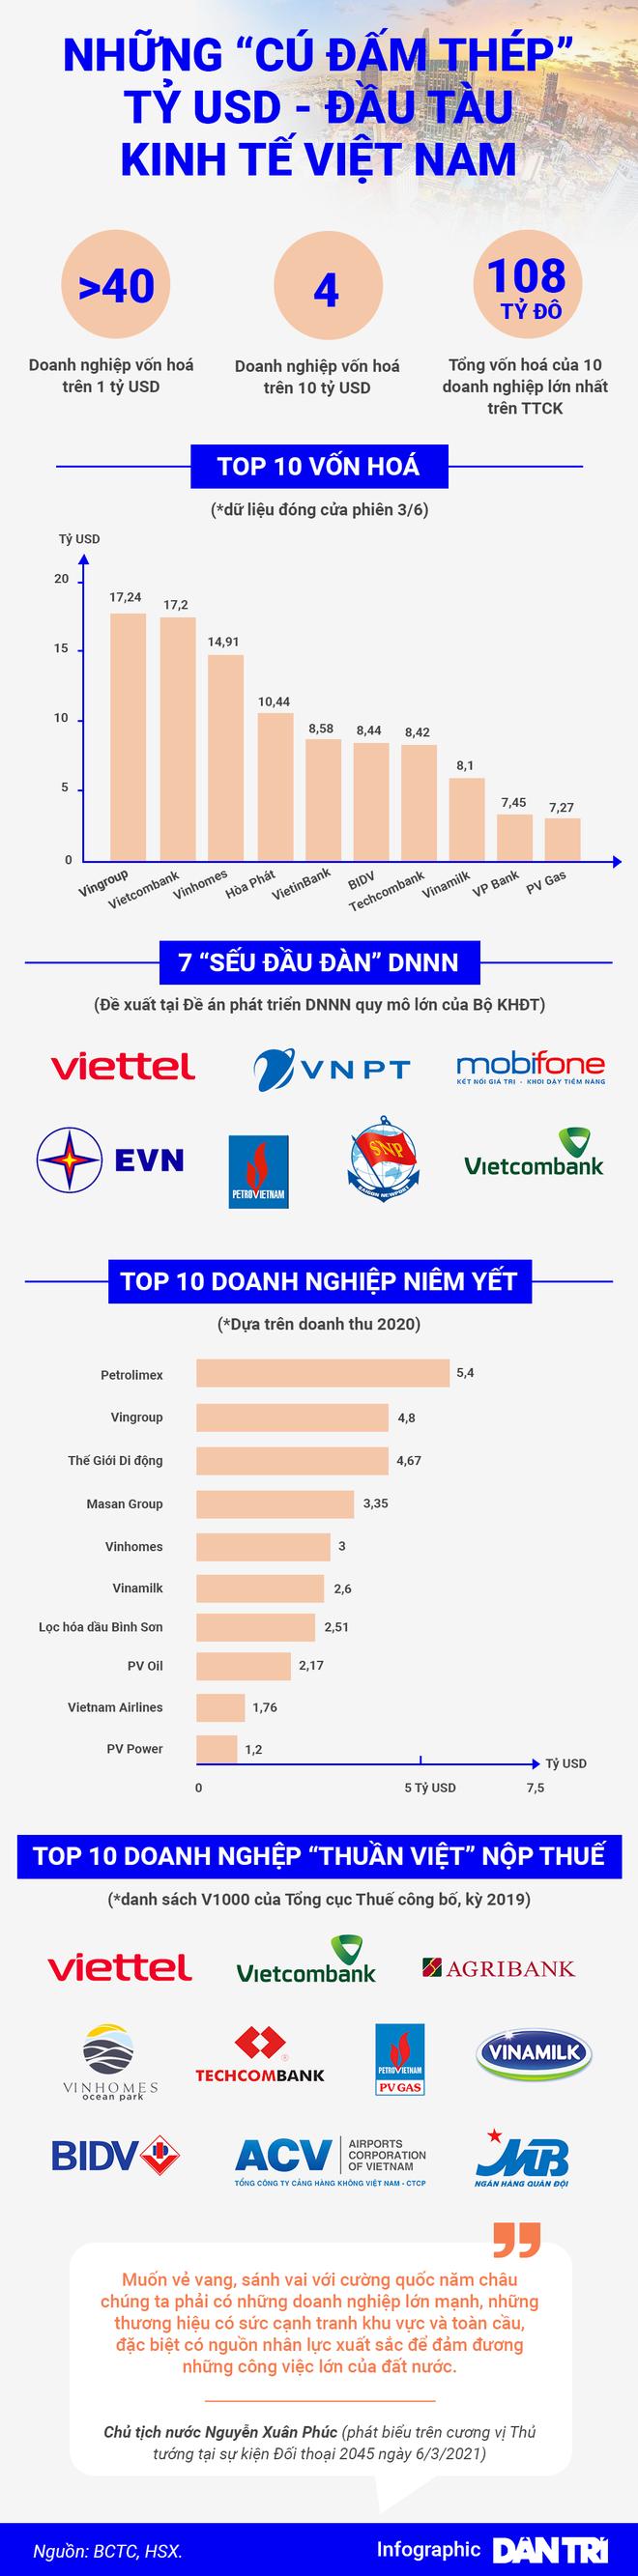 Những cú đấm thép tỷ USD là đầu tàu kinh tế Việt Nam - 1